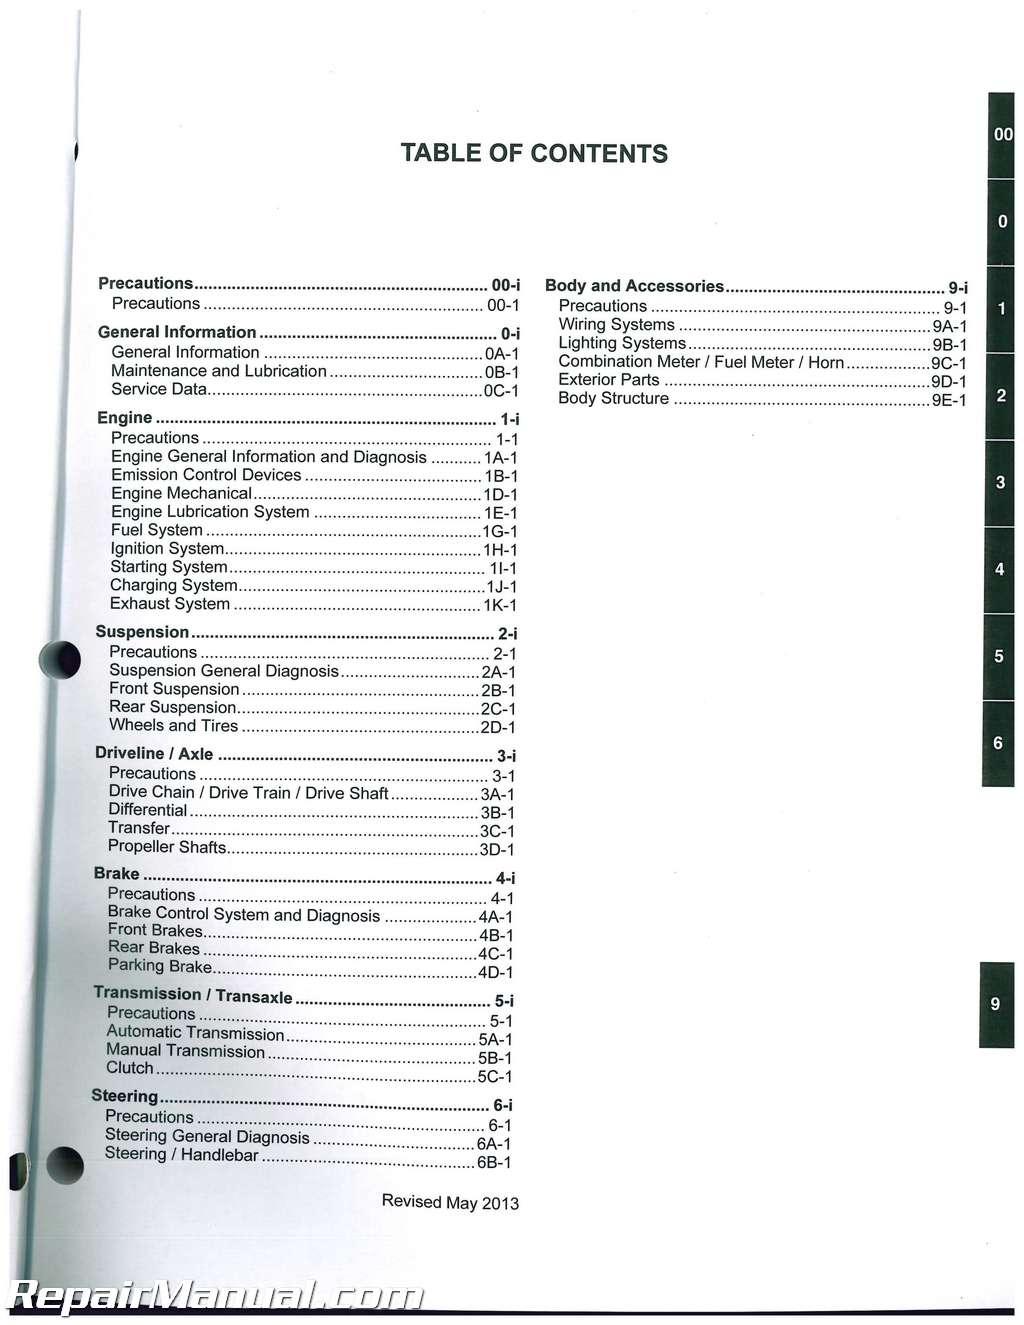 2008 suzuki hayabusa service manual